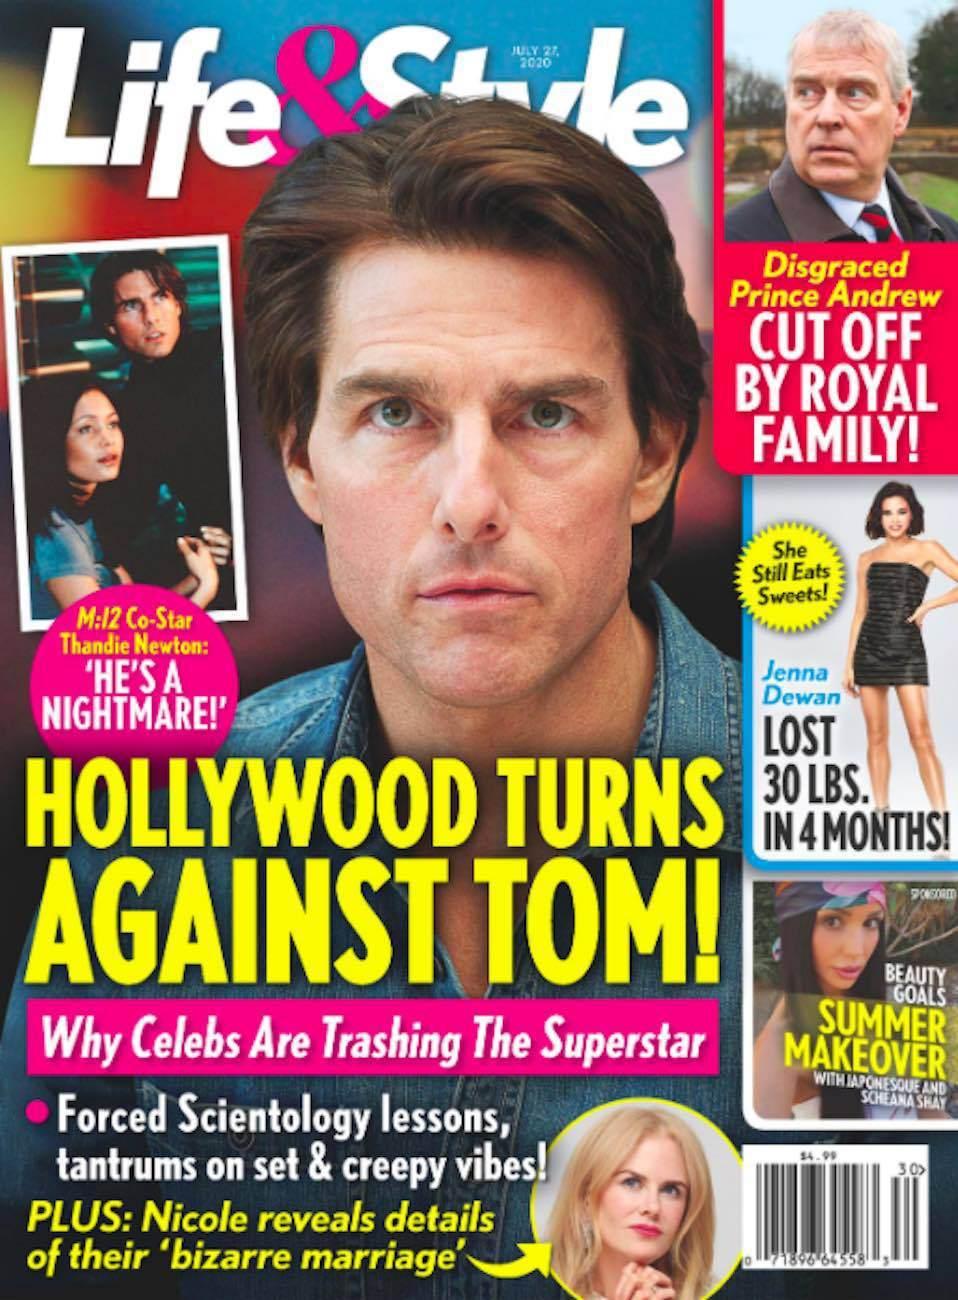 湯姆克魯斯被八卦雜誌指將被好萊塢討伐。圖/摘自Life & Style